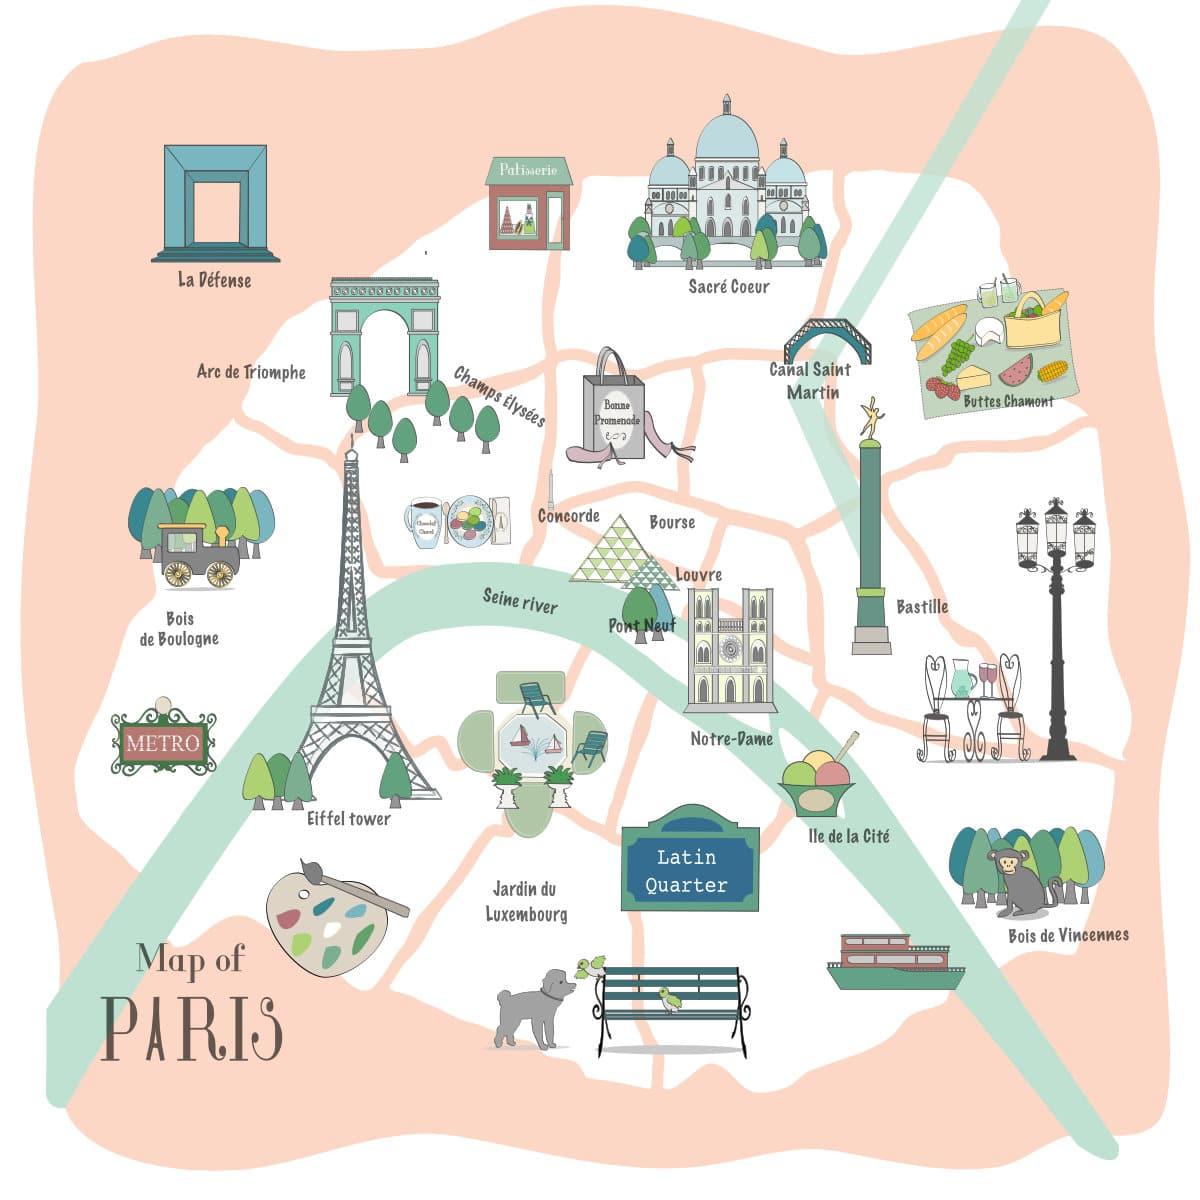 Map of Paris france